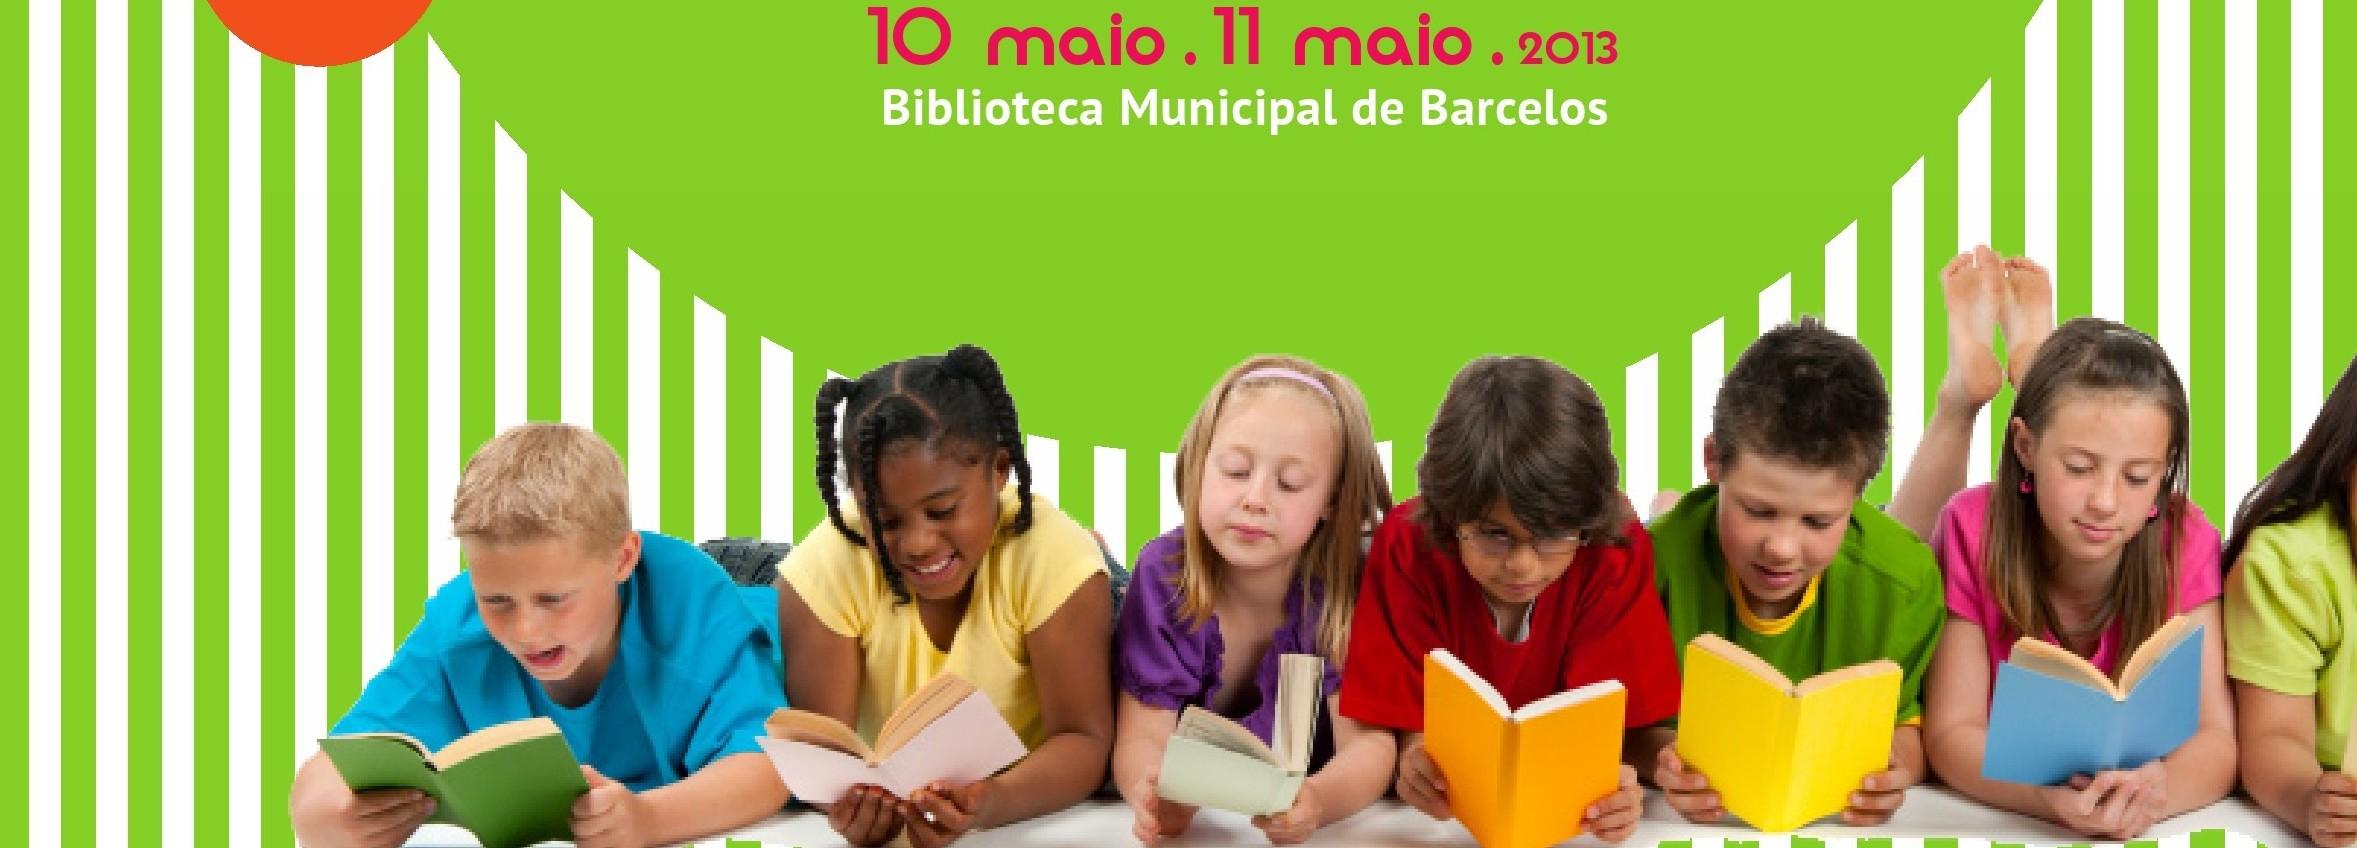 III Encontro de Bibliotecas Escolares nos dias 10 e 11 de maio